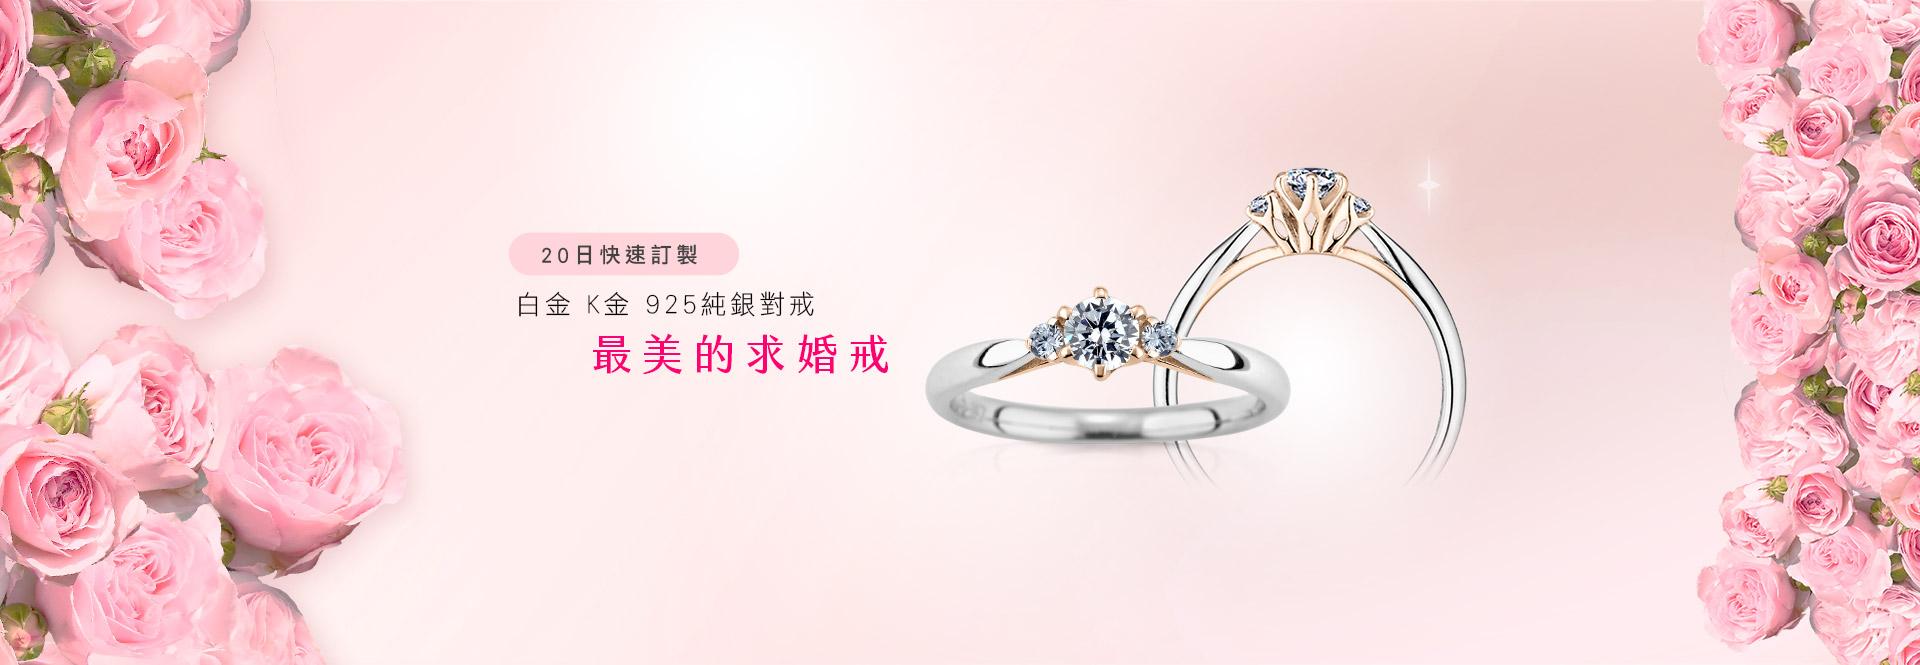 最美的求婚戒,IR提供白金、K金、純銀、求婚鑽戒,多種材質聰明選擇。